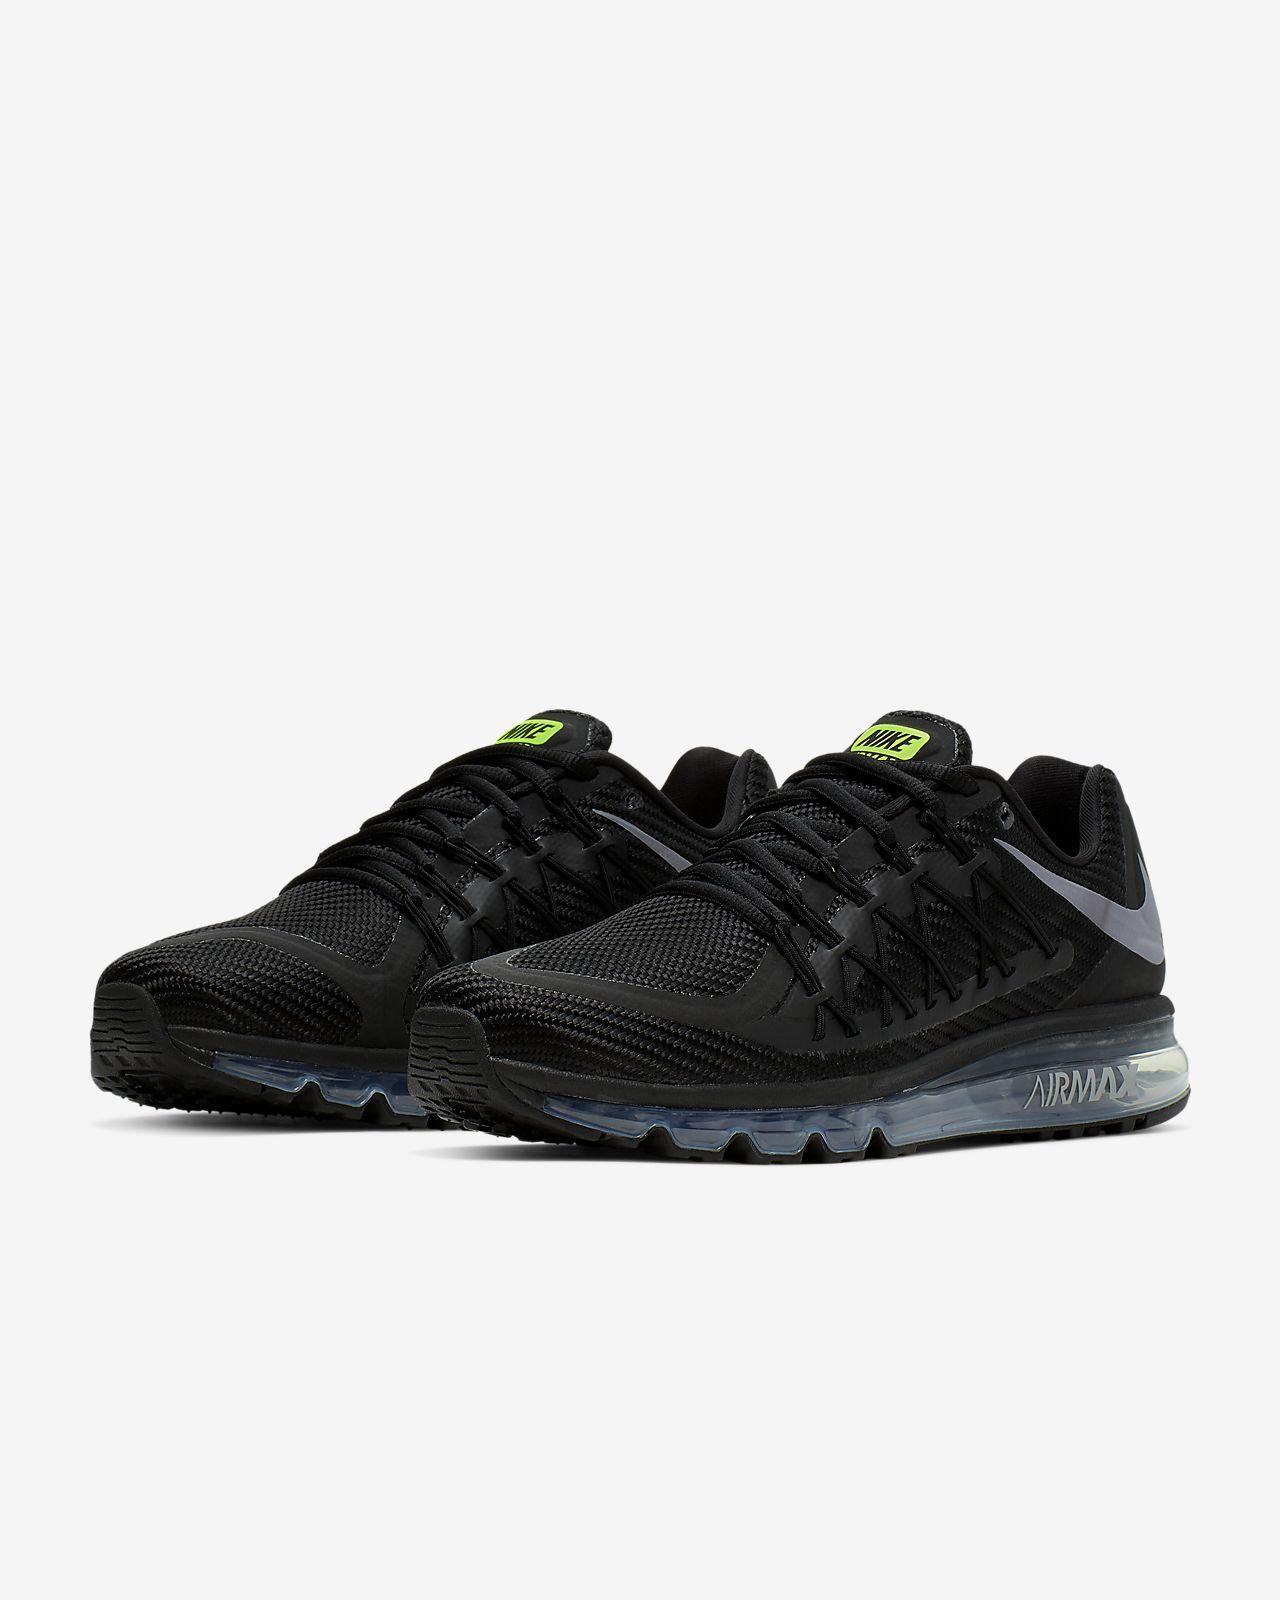 meilleur pas cher 99f24 e6cd7 Chaussure Nike Air Max 2015 pour Homme